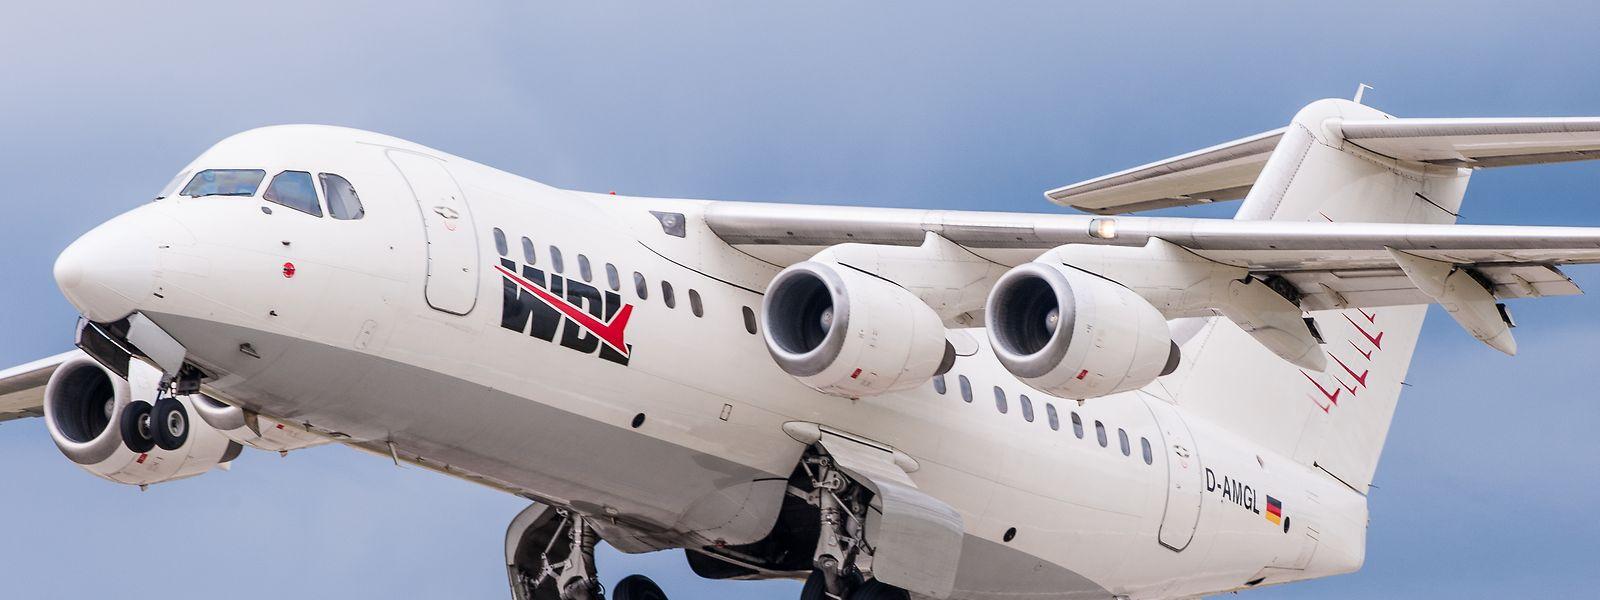 Ein Flugzeug vom Typ British Aerospace BAe 146 der deutschen Fluggesellschaft WDL Aviation.